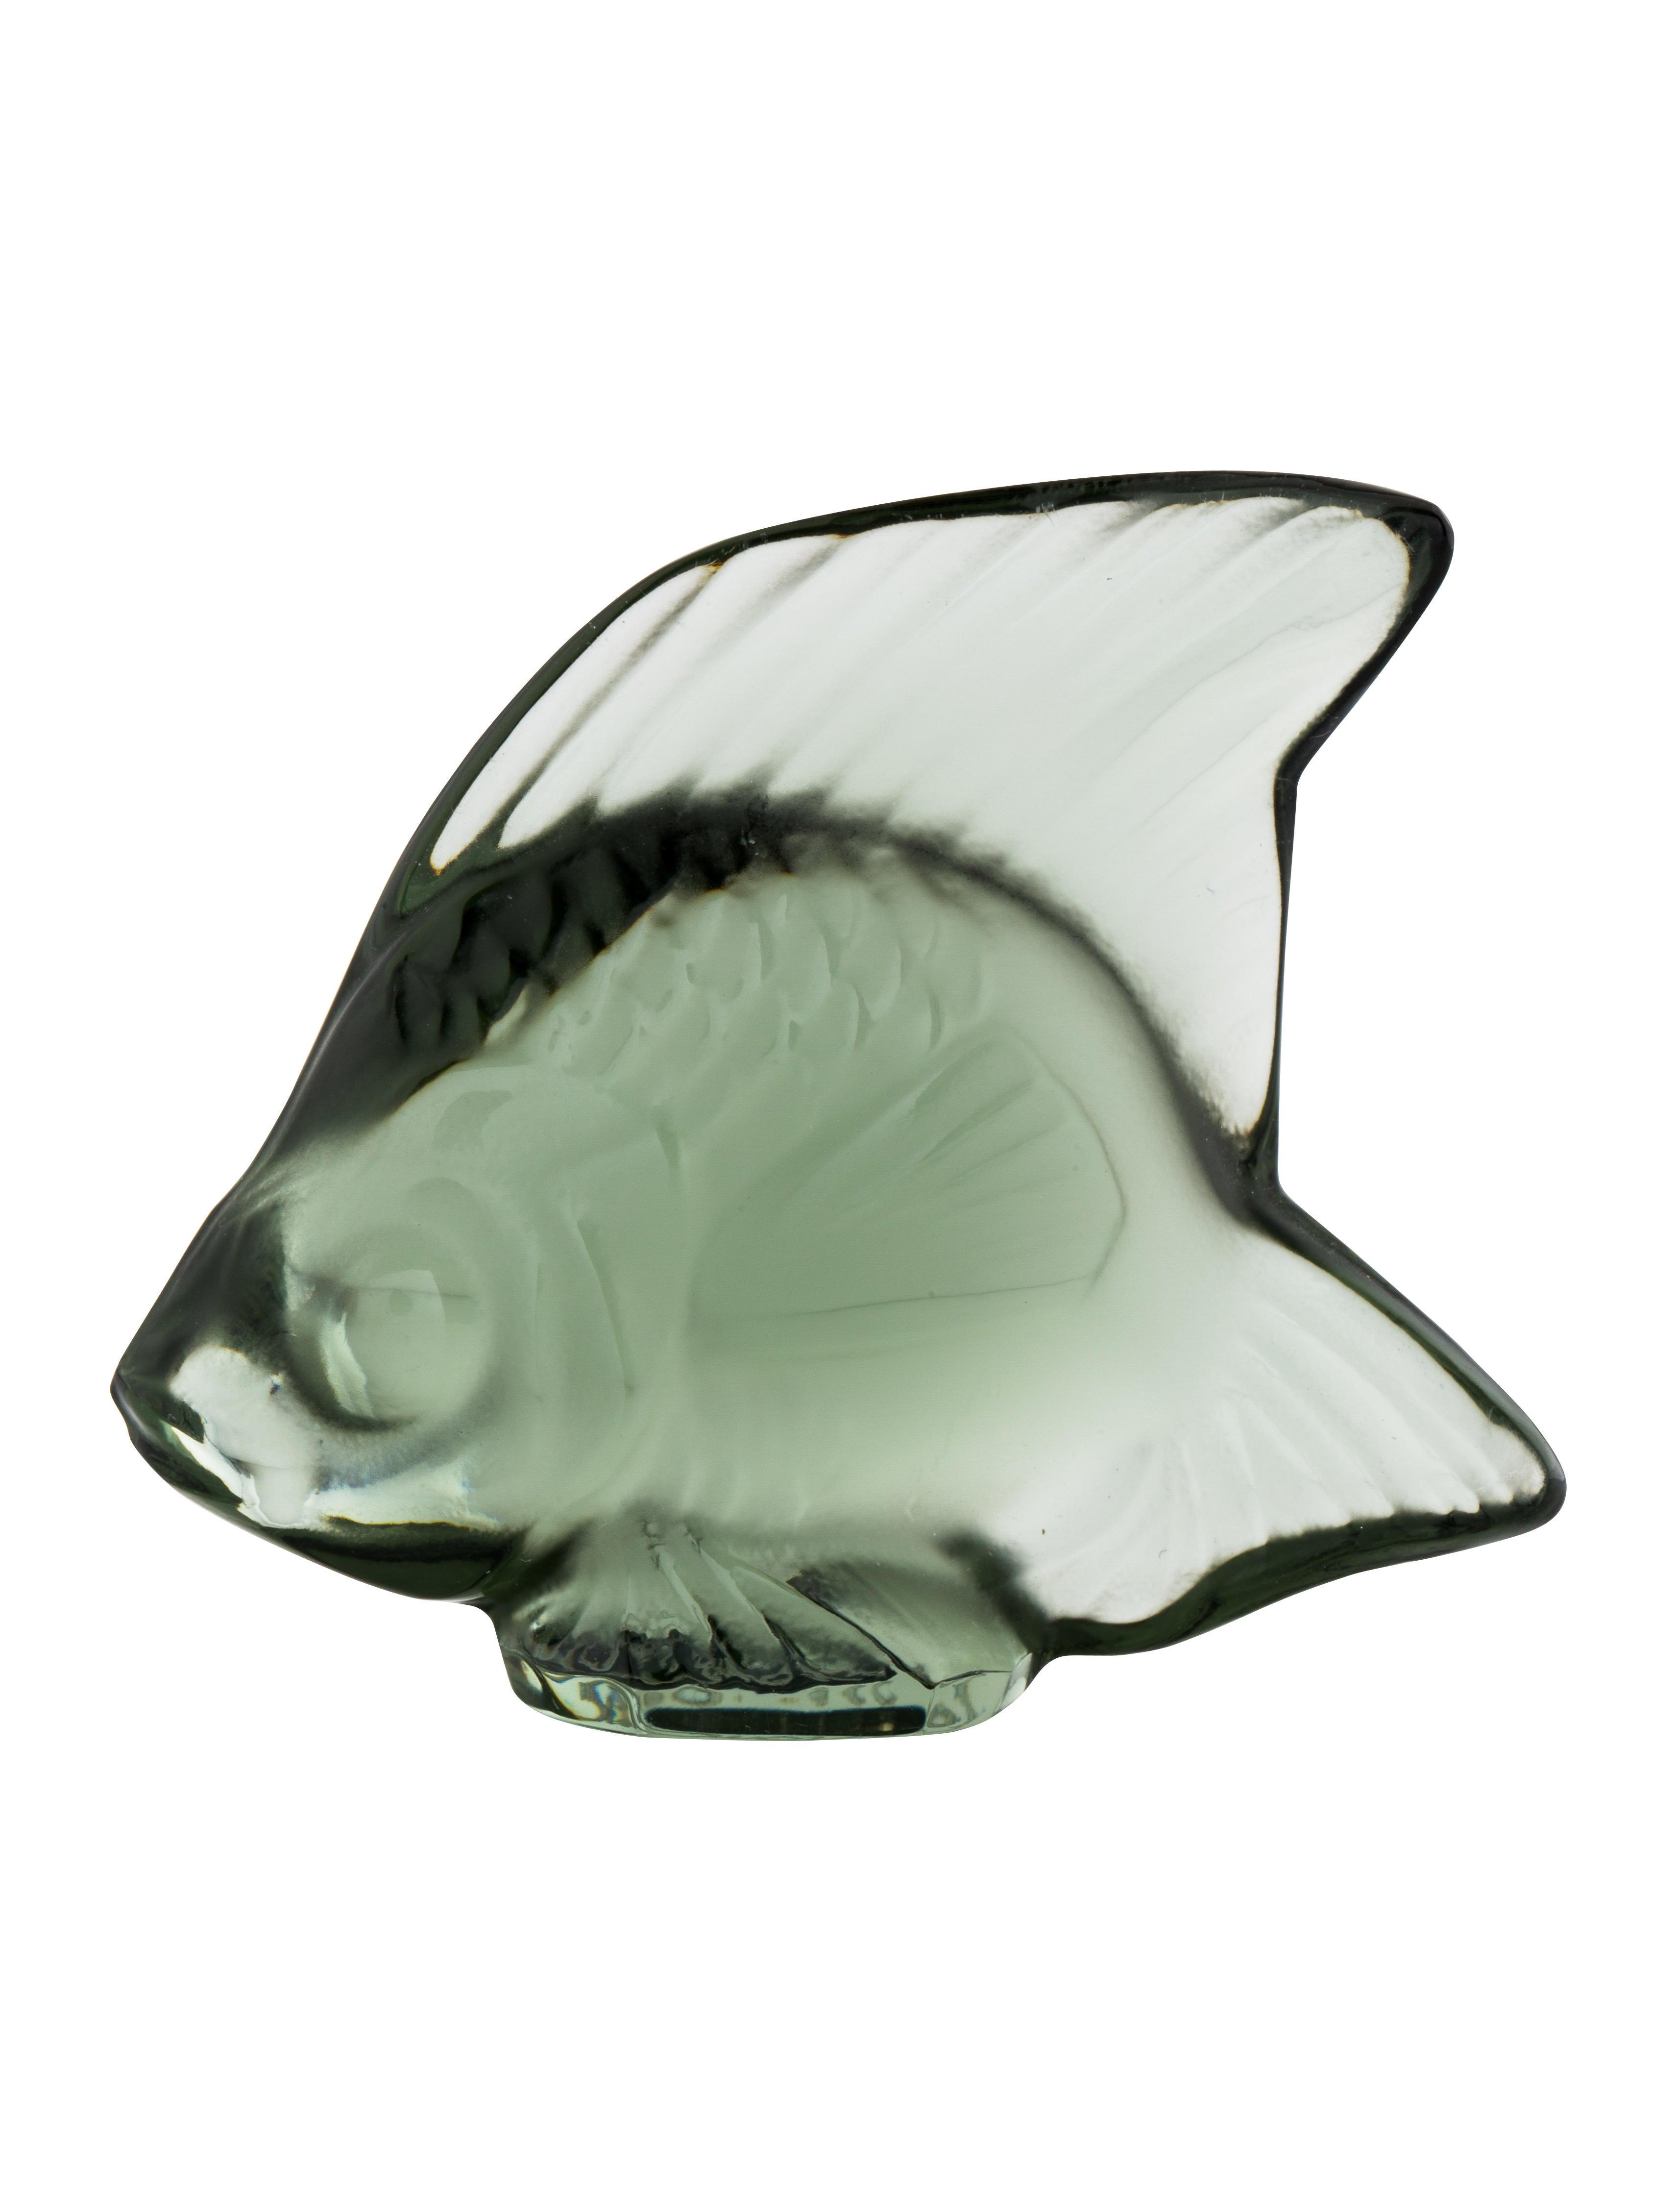 Crystal Fish Figurine